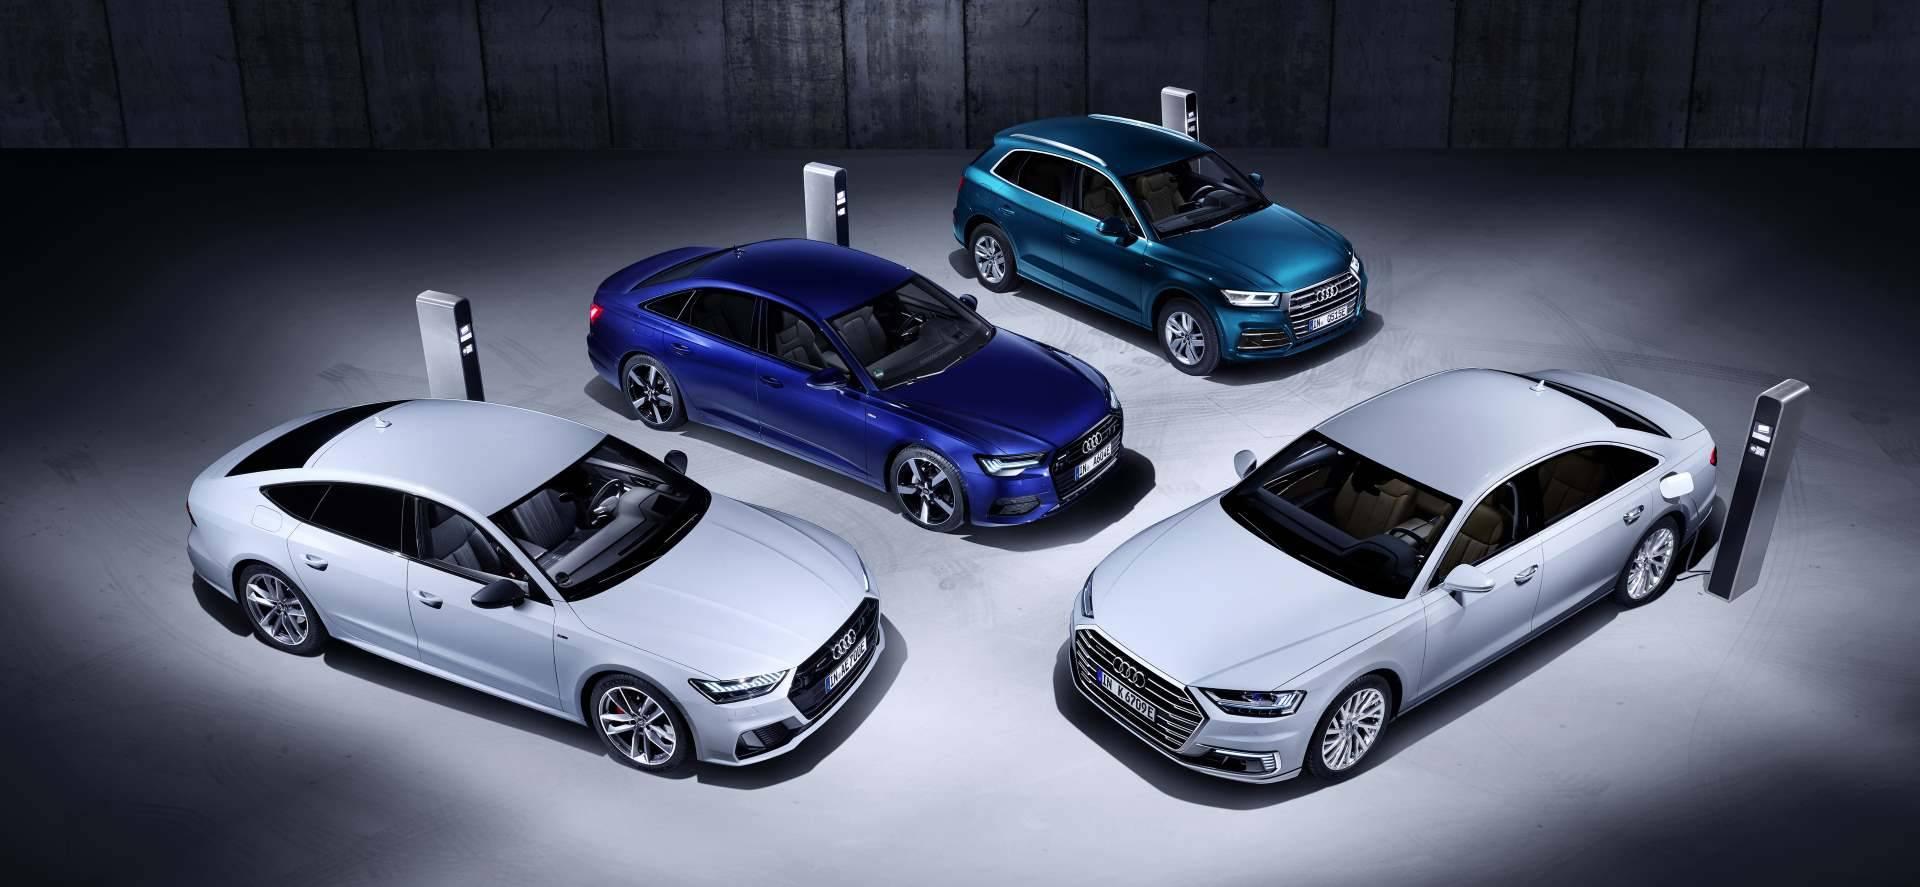 Gamme électrique Audi 2019 TFSIe : A6 - A7 - Q5